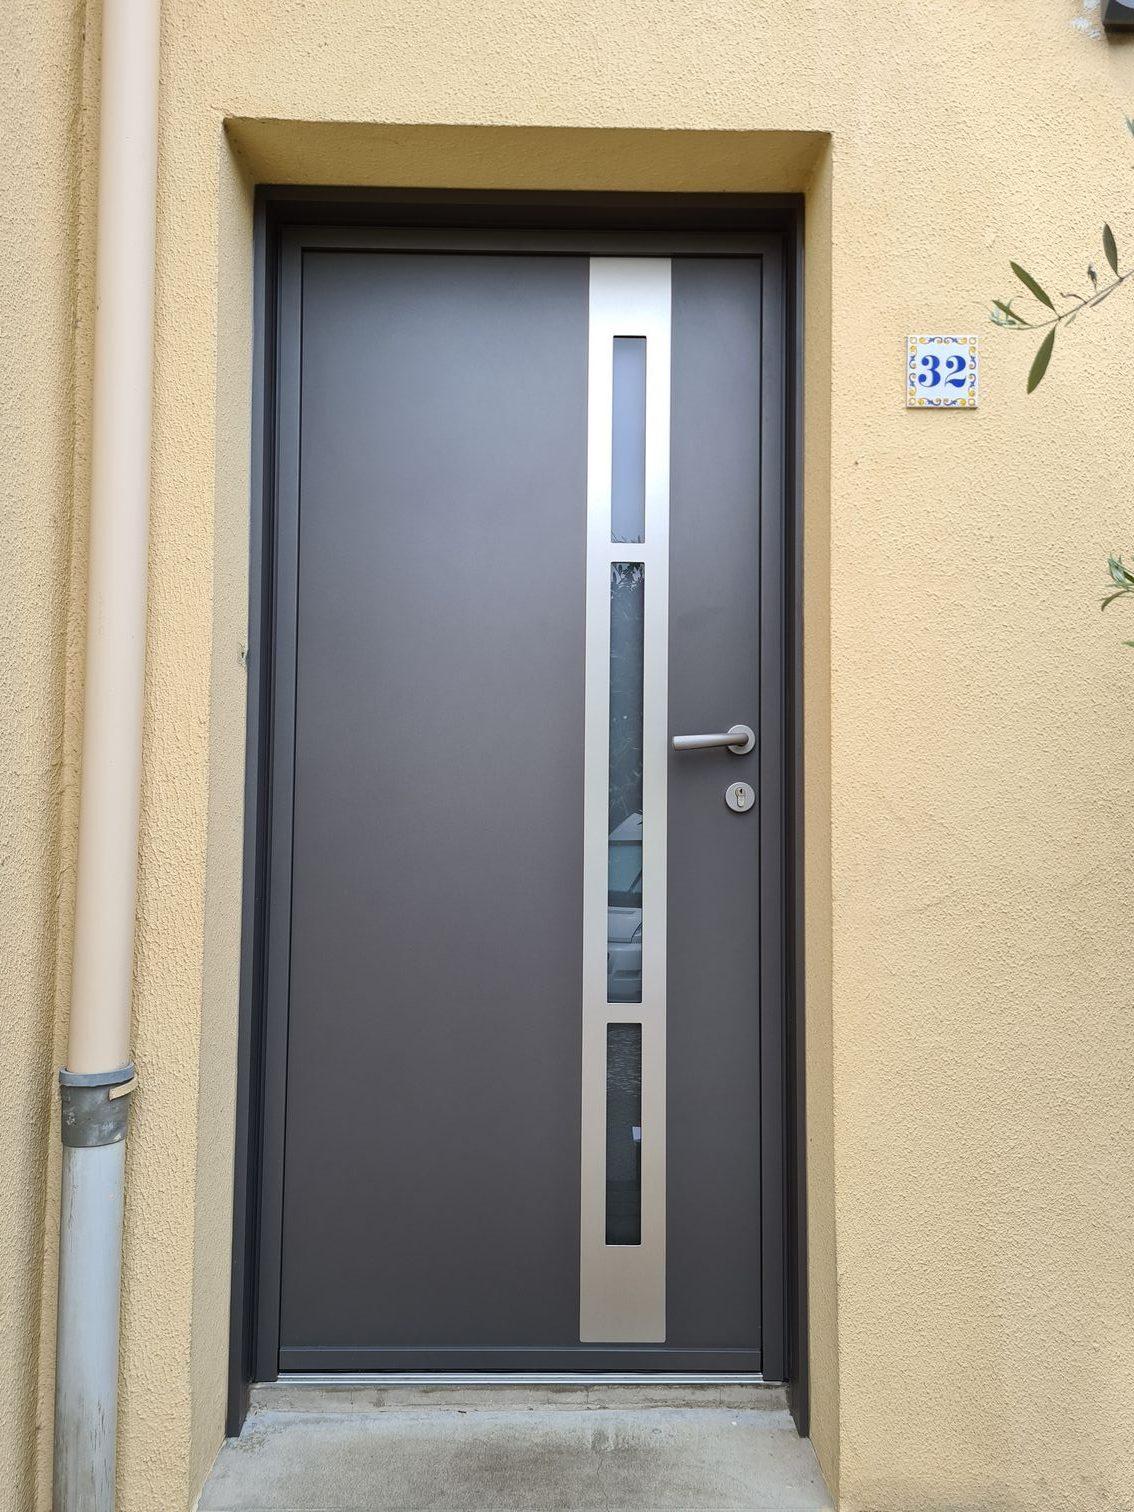 Porte  d'entrée Kline modèle Effigie  Couleur gris 2900 sablé